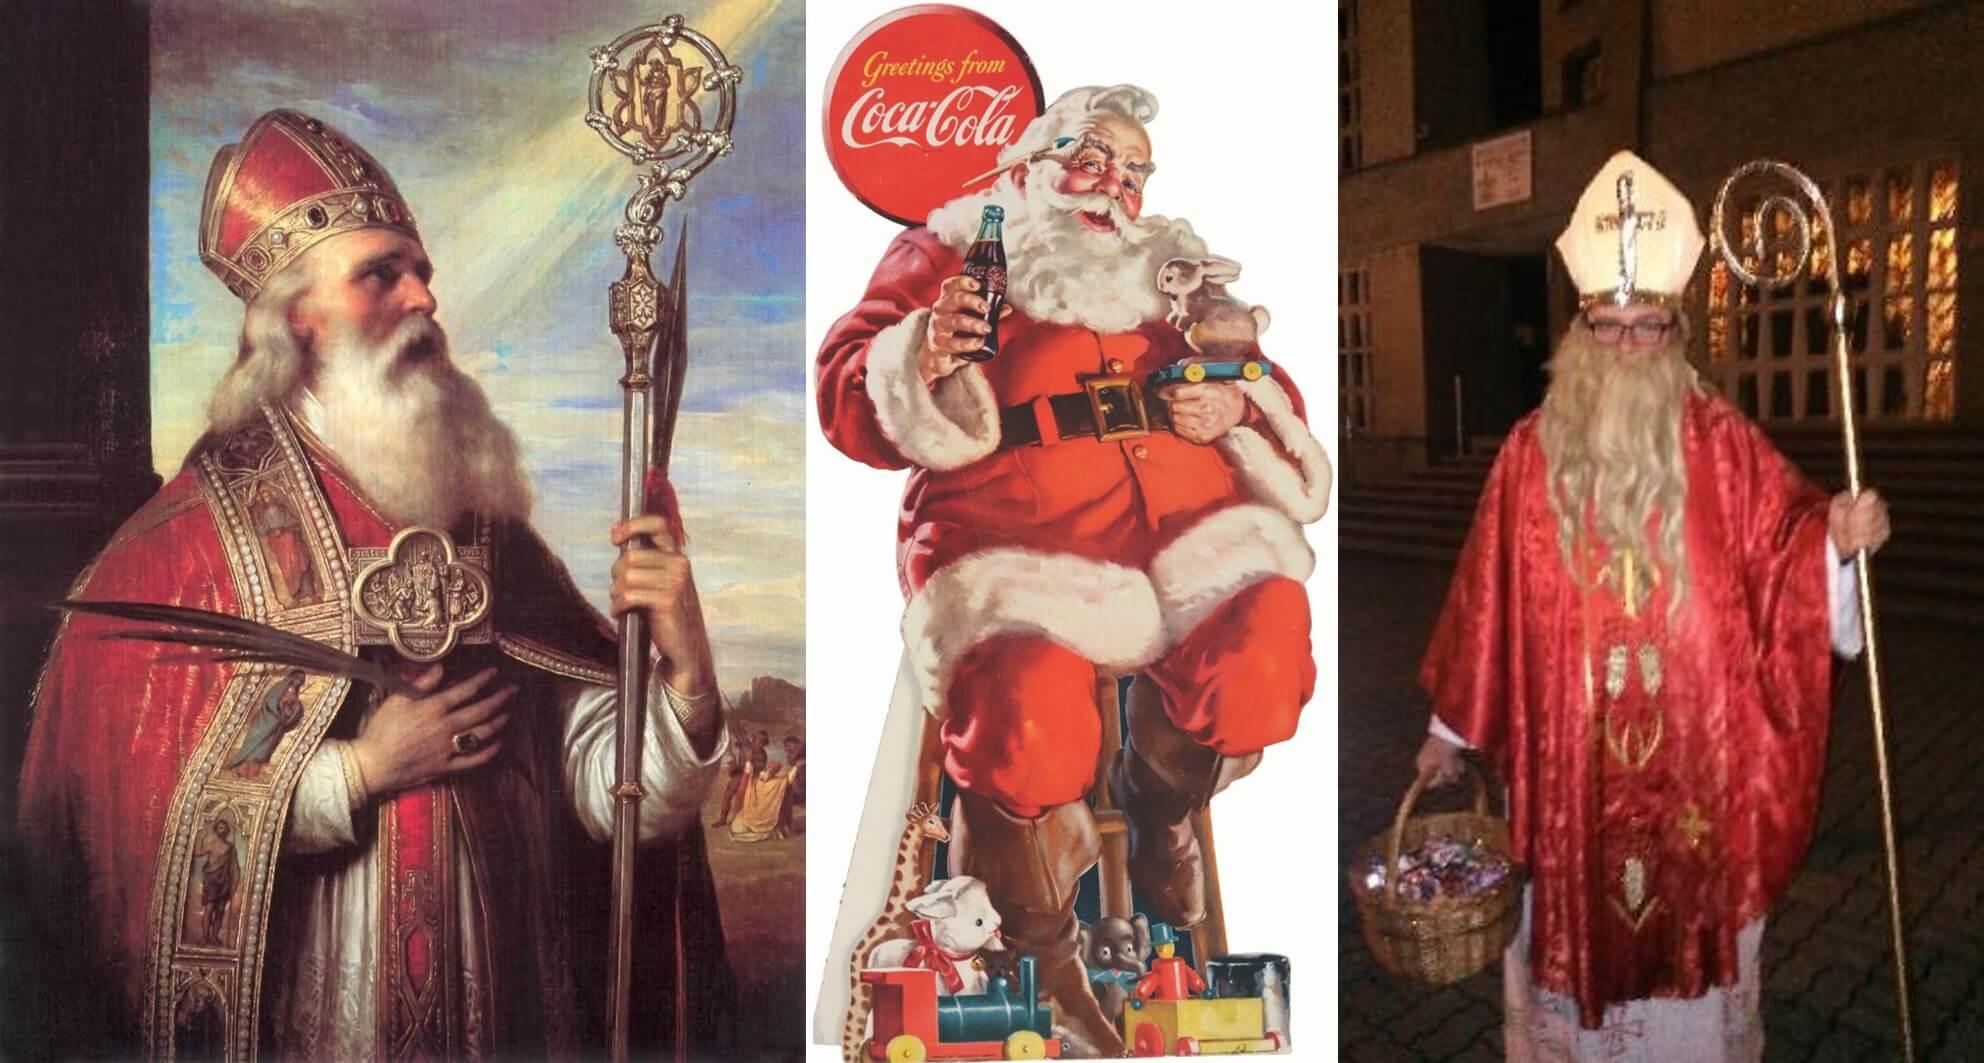 Dlaczego Powiedzieć Dziecku Prawdę OŚwiętym Mikołaju Jak Co Powiedzieć